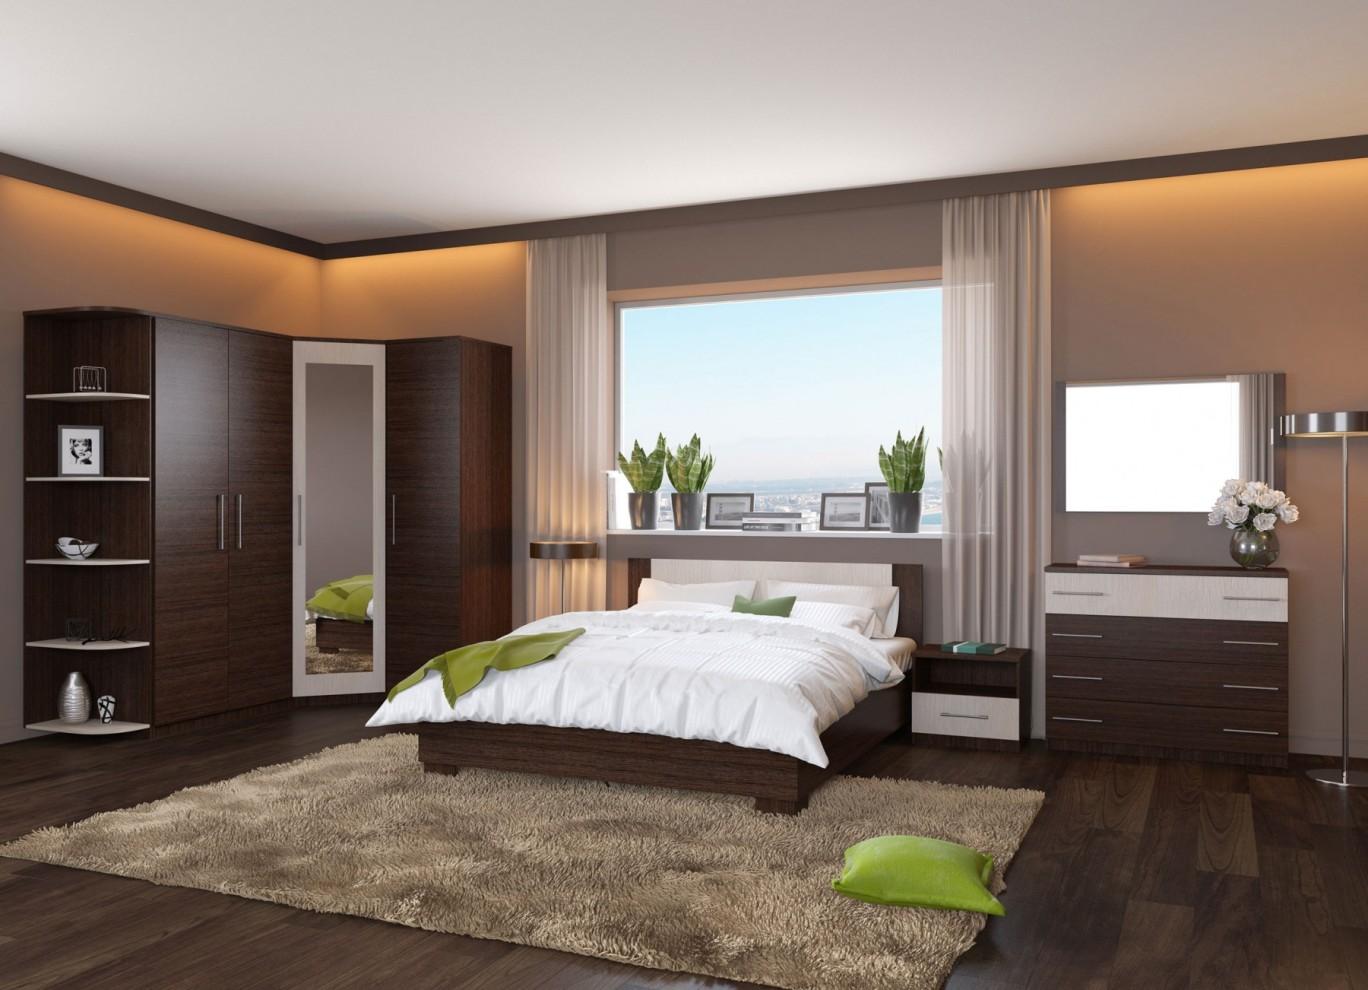 дизайн спальной комнаты и гарнитур фото наталью оказывали всех